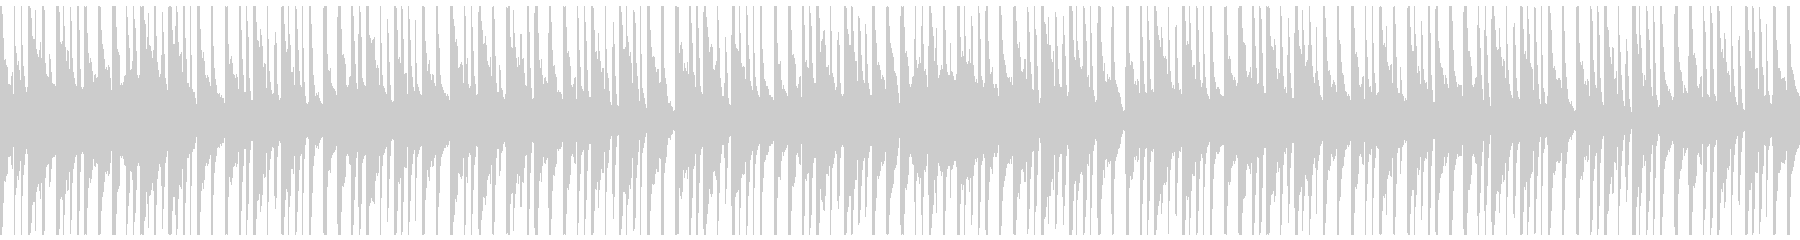 和楽器を中心としたお囃子・出囃子のループの未再生の波形